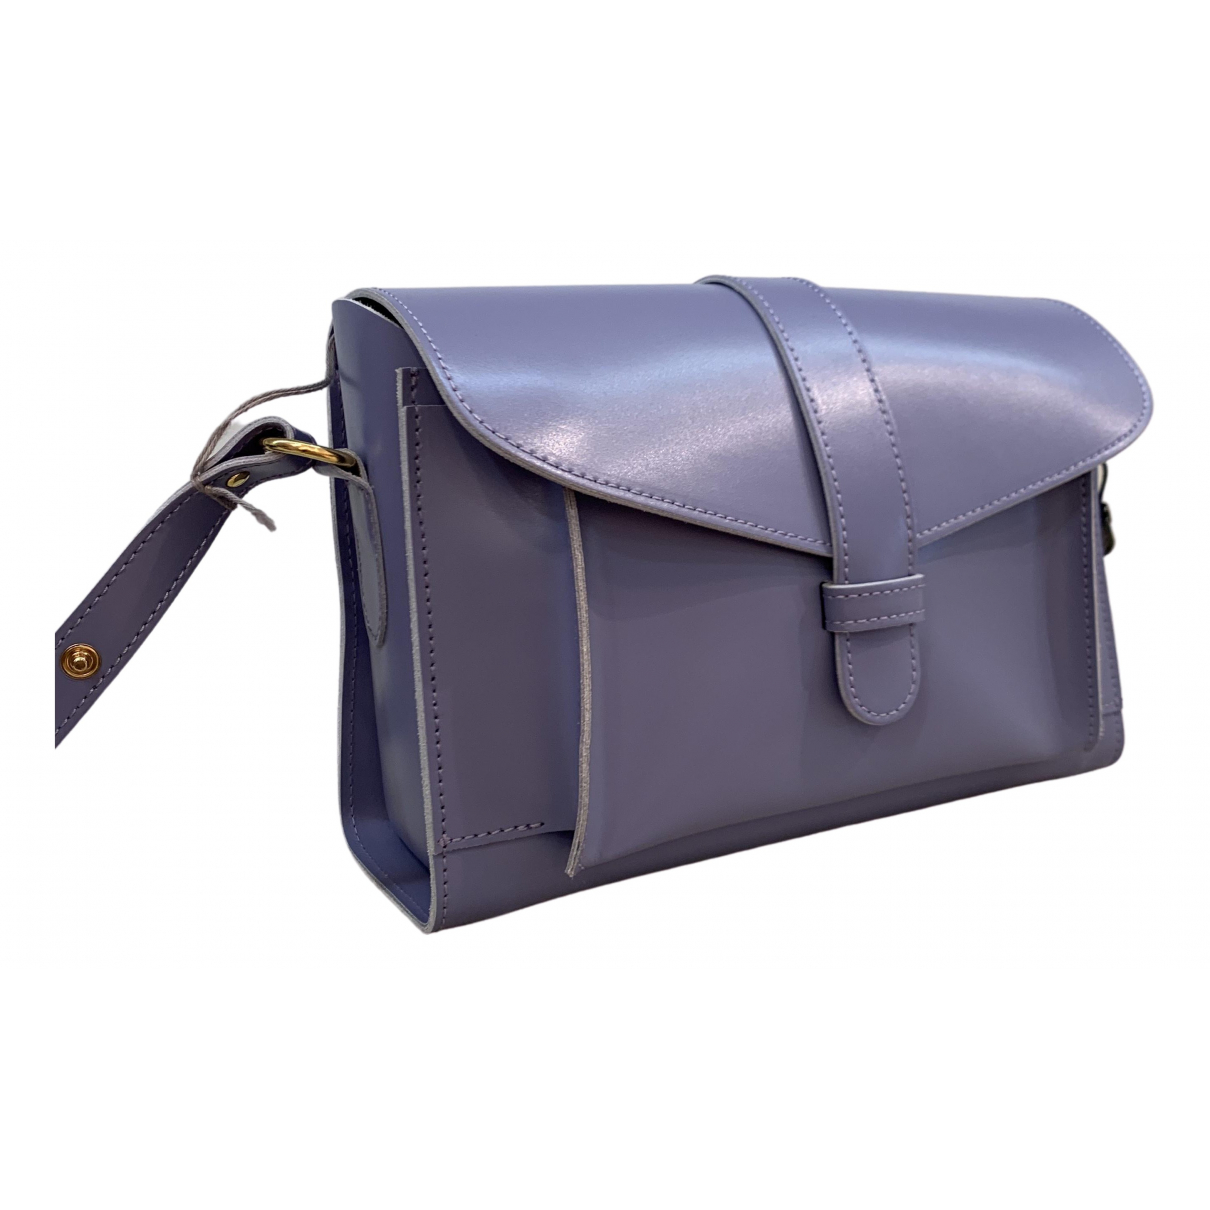 Marni \N Handtasche in  Lila Leder